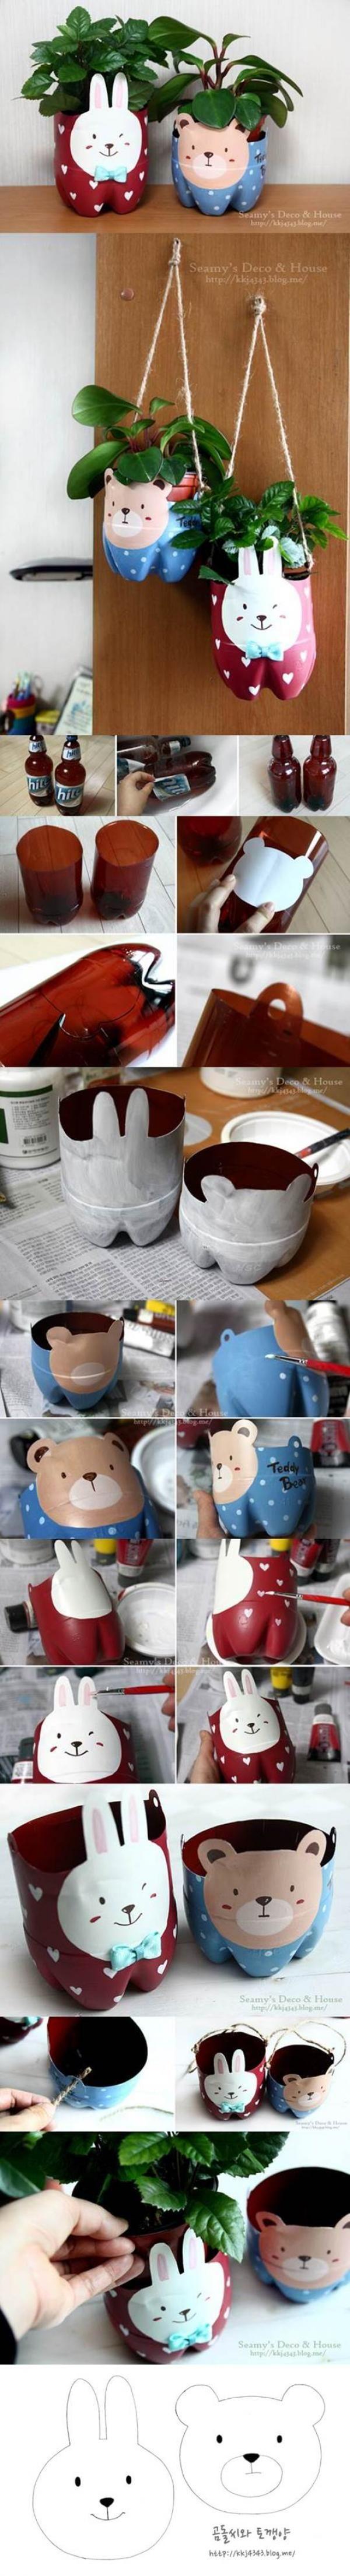 Lapin, ourson fabriquez des pots de fleurs amusants avec des bouteilles plastique..